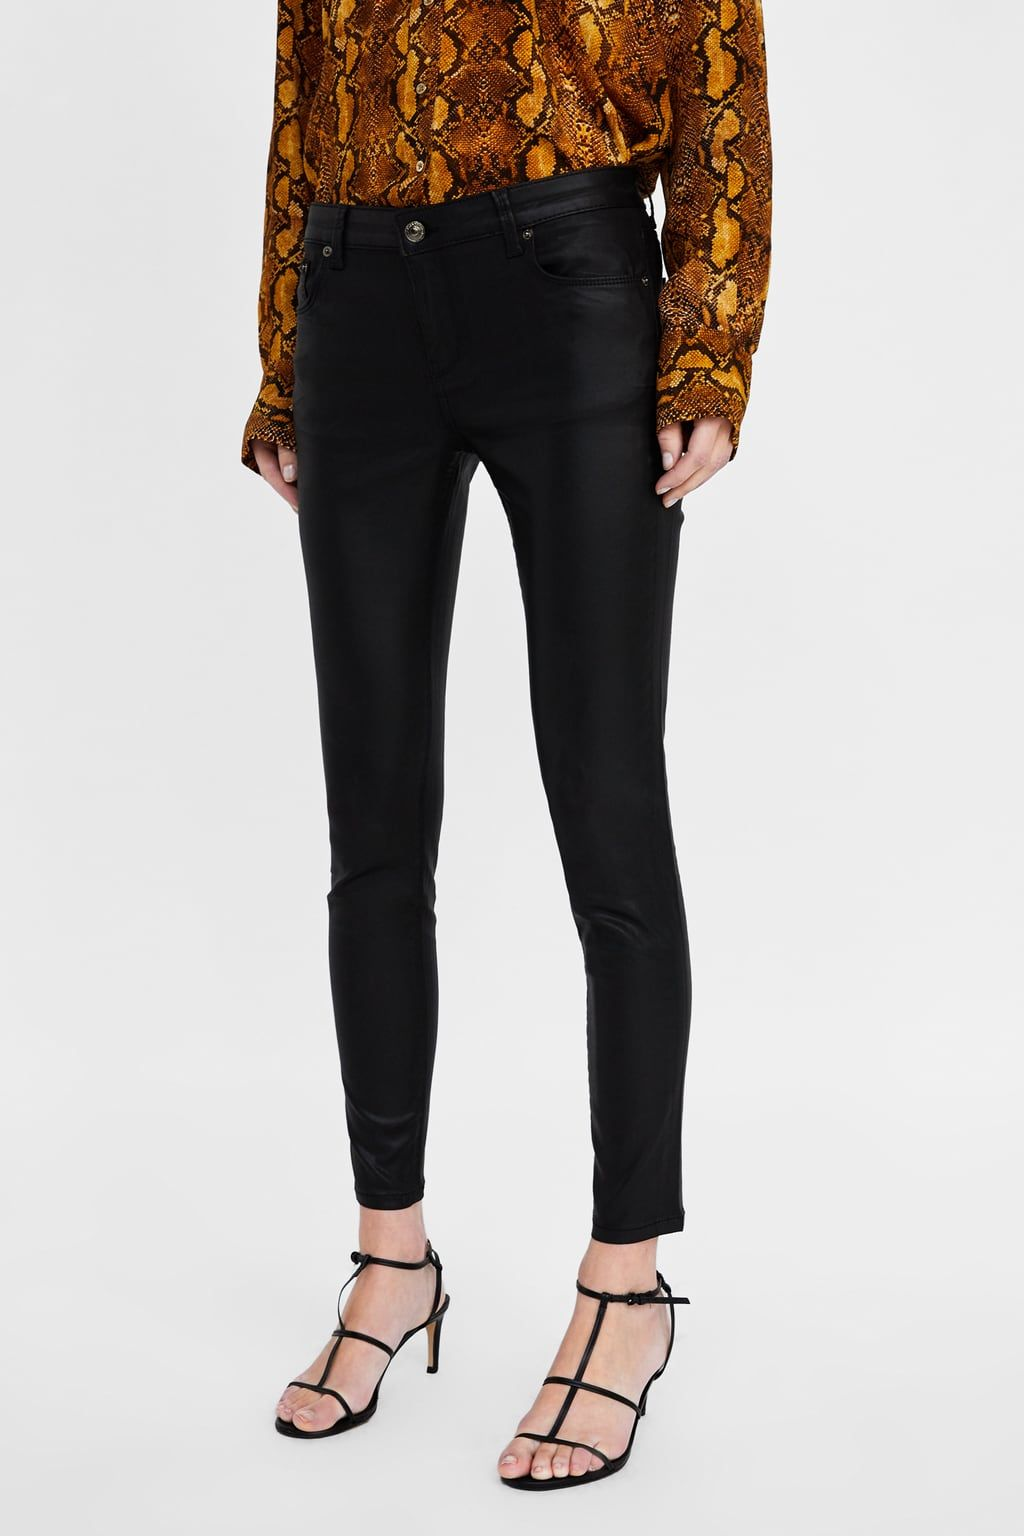 b0916c32 Zw premium skinny coated jeans in 2019   Zara Wishlist   Jeans ...